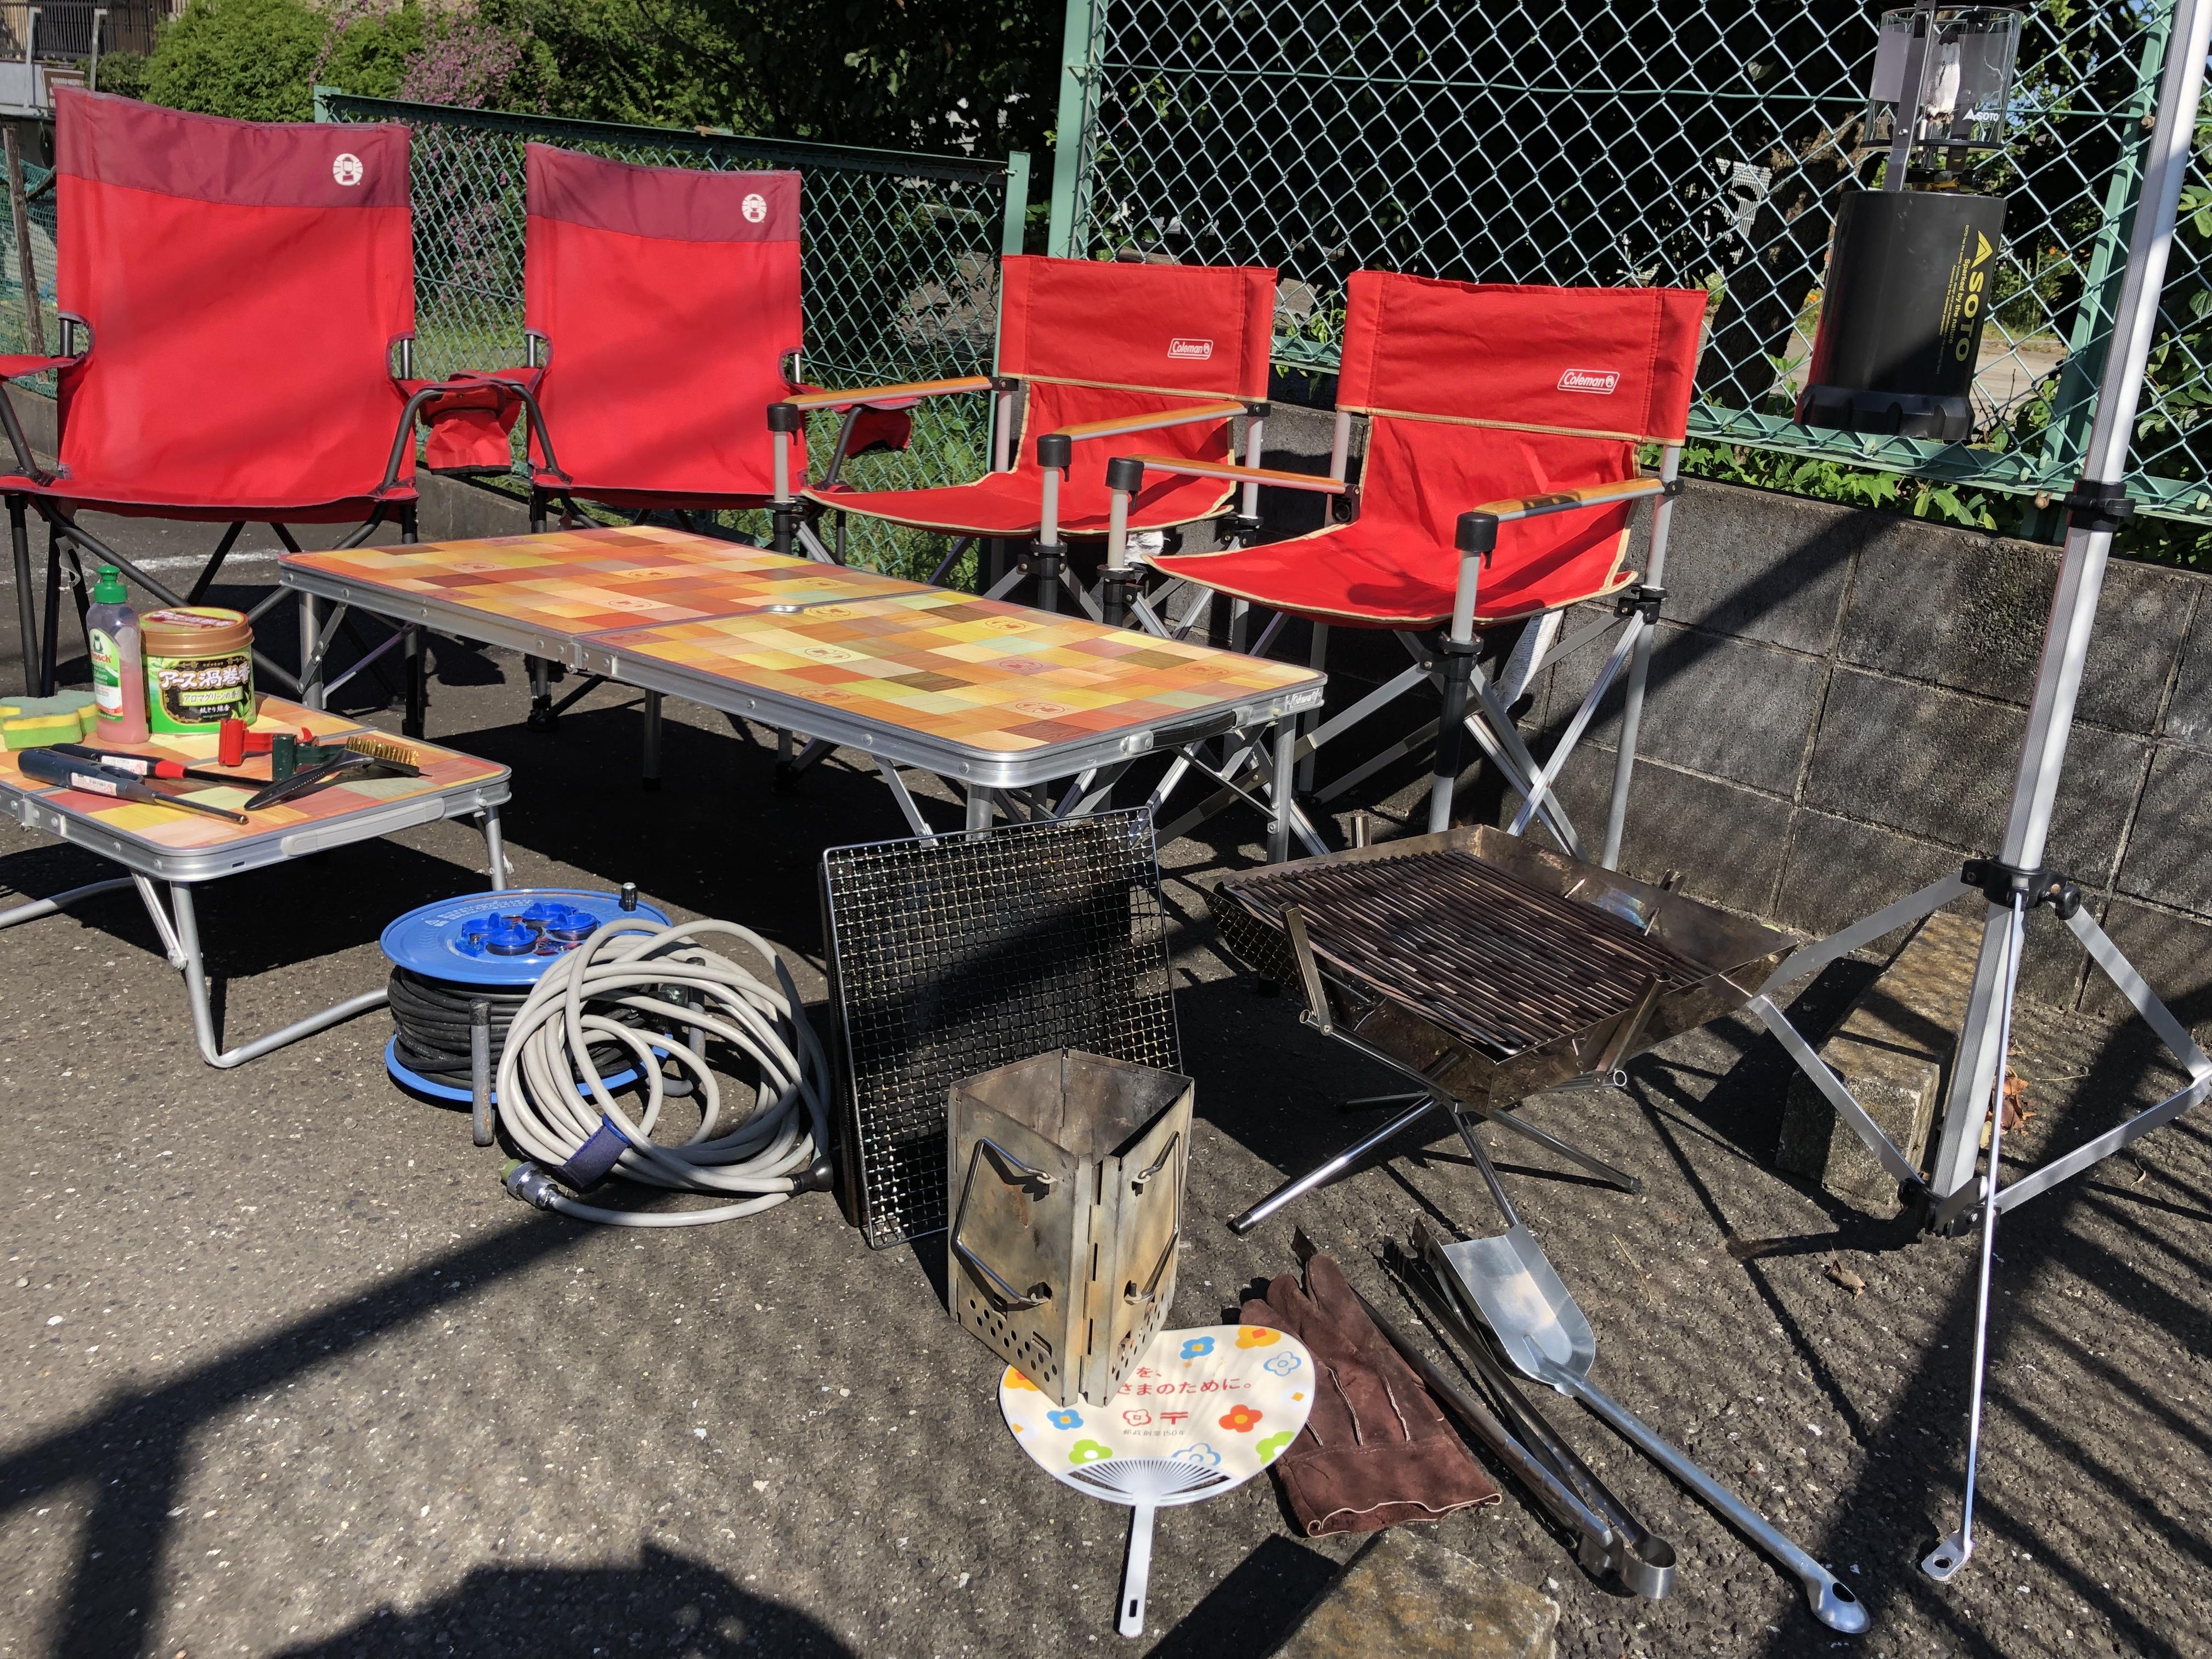 無料のオプション① お手軽にキャンプできます 椅子×4 テーブル大小 ファイヤグリル ガス式ランタン&スタンドなど